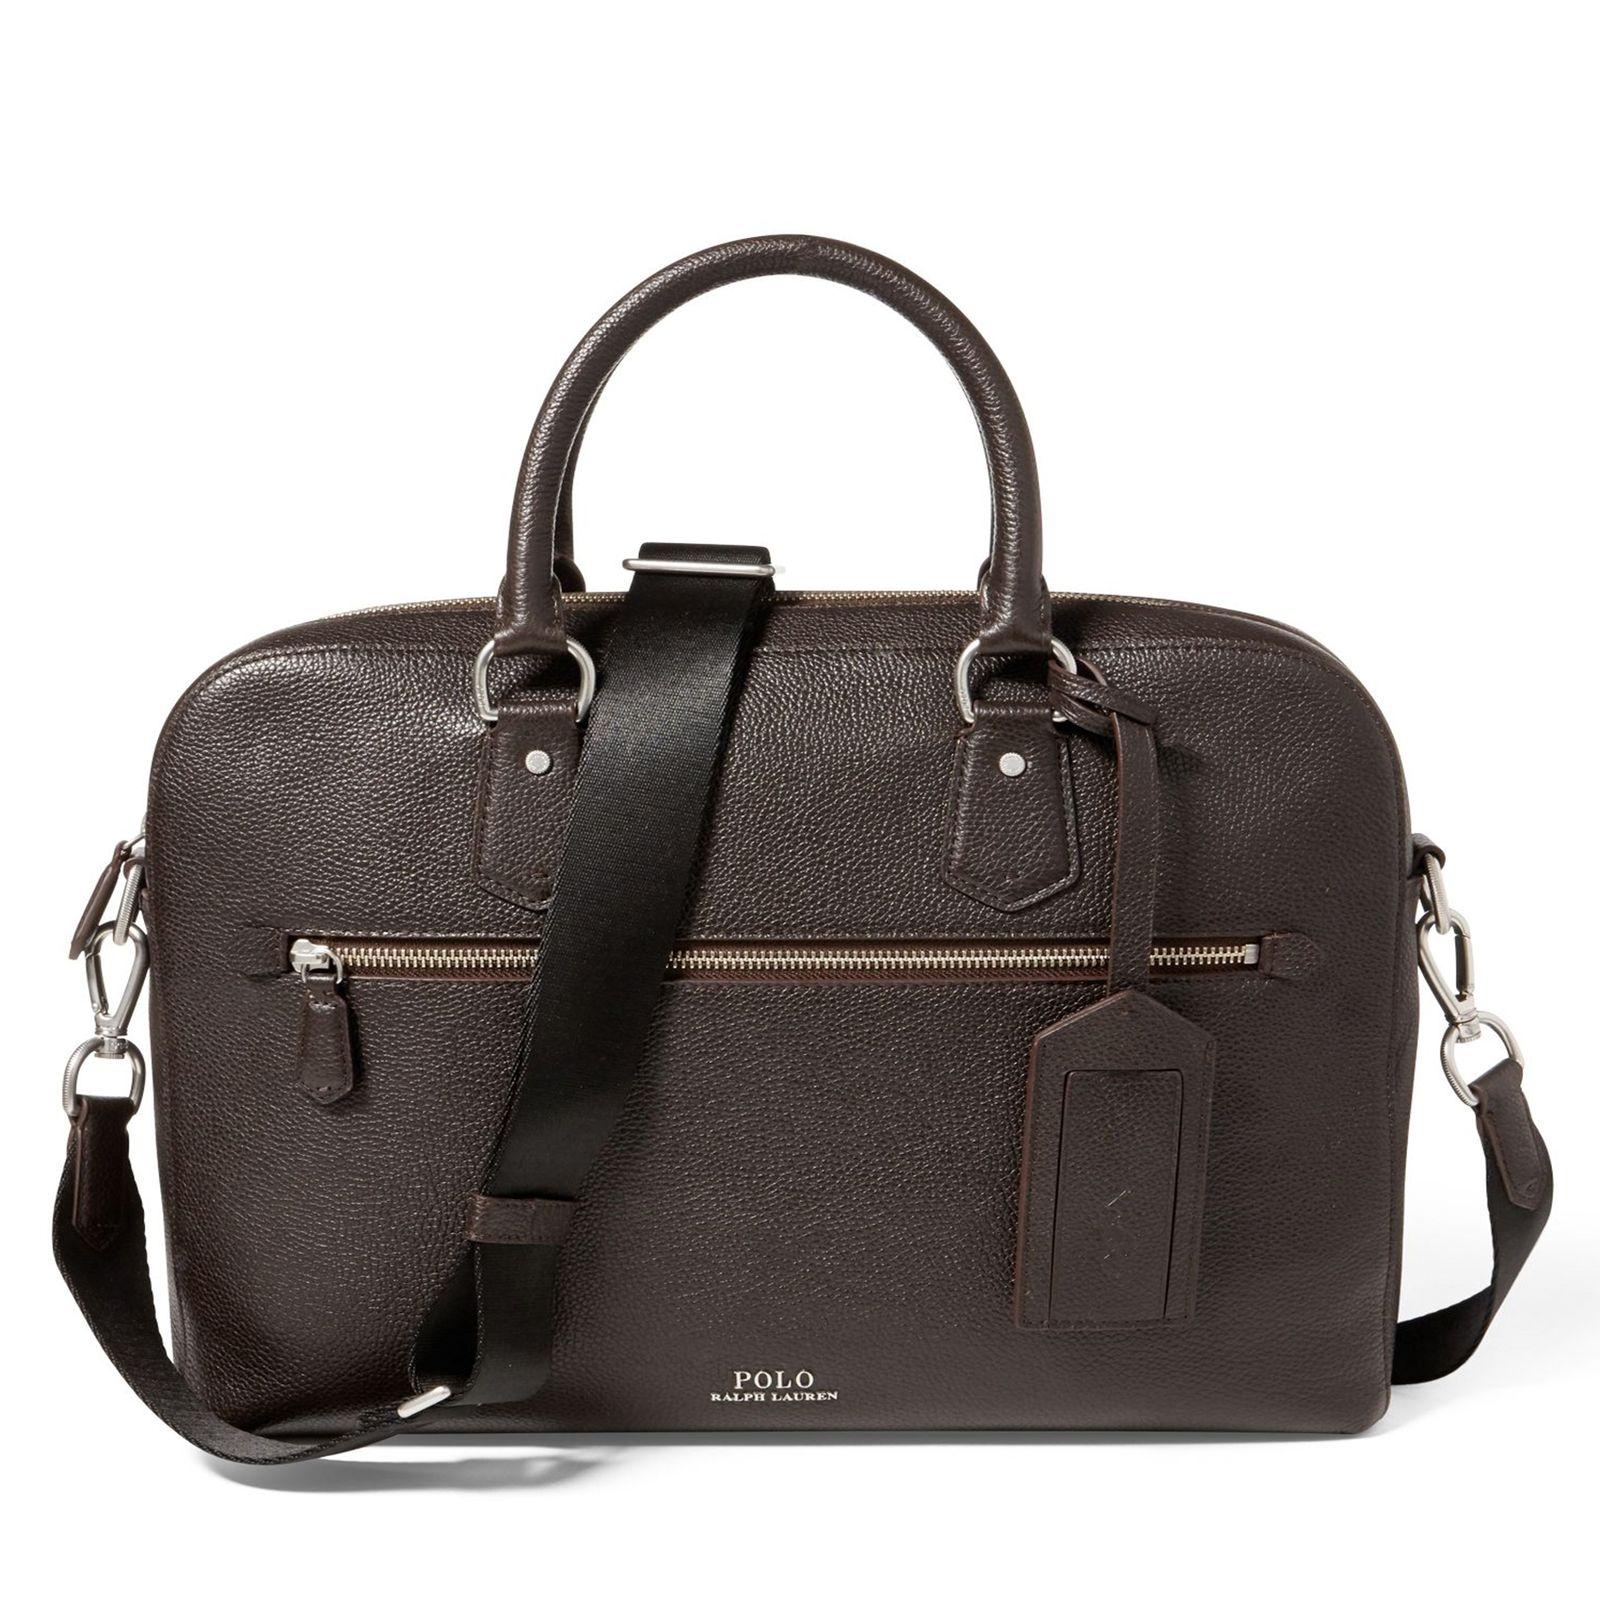 fee7cc0846683 Skórzana torba RALPH LAUREN – Kup Teraz! Najlepsze ceny i opinie ...